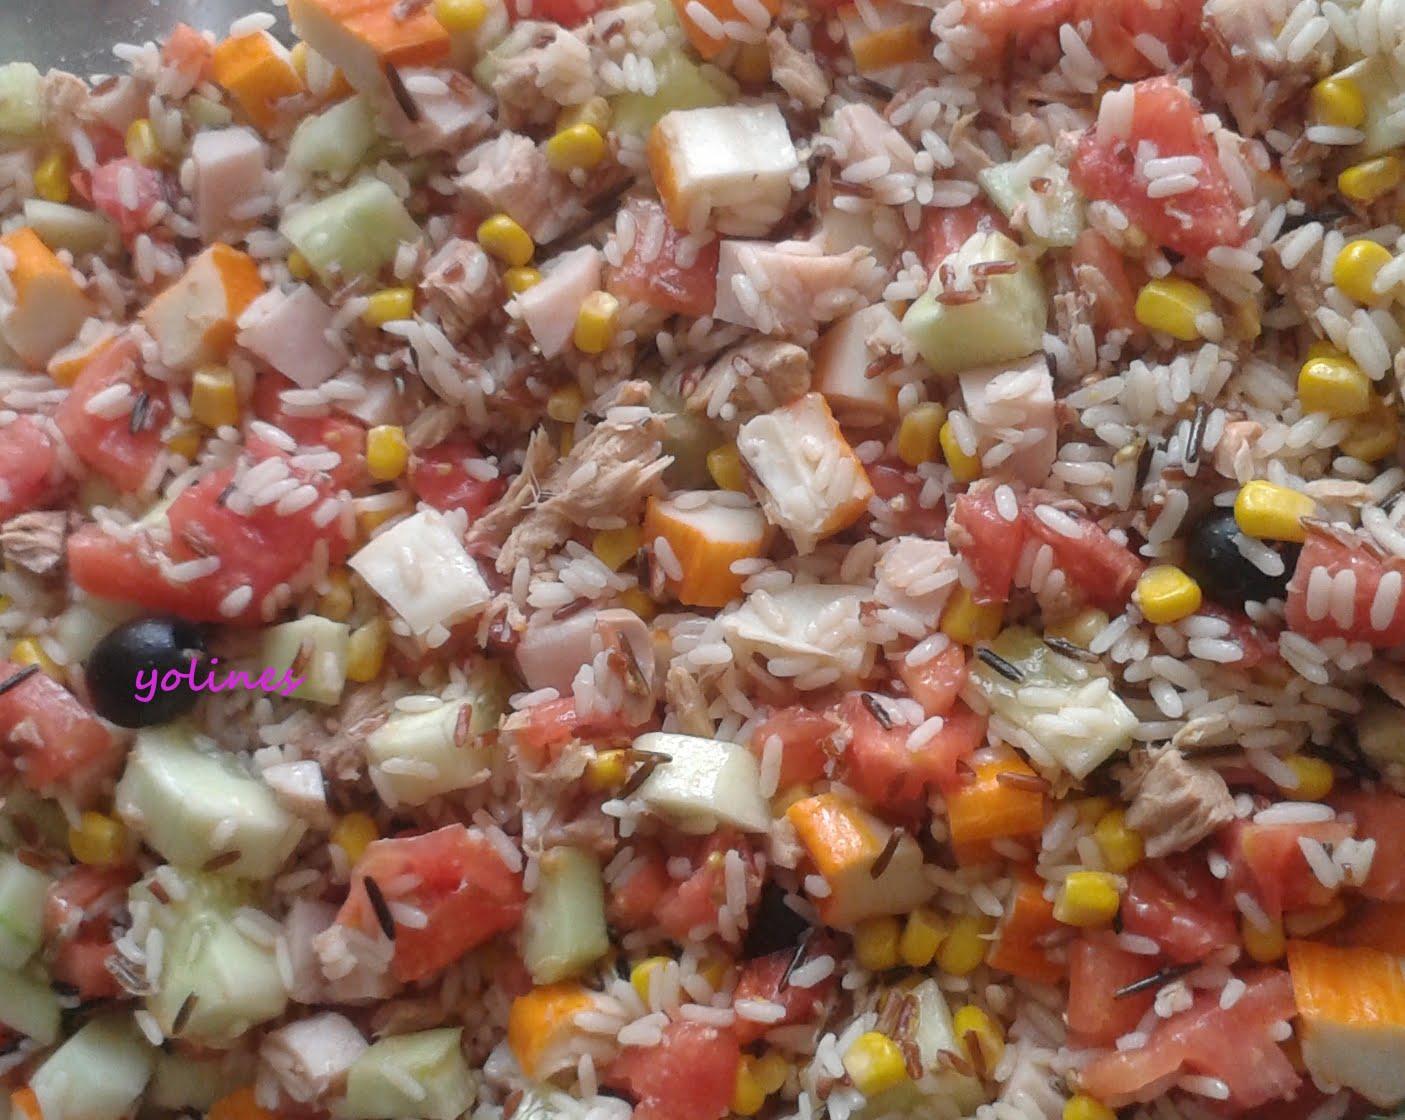 Vamos a cocinar con yoli e in s ensalada de arroz con at n - Ensalada de arroz y atun ...